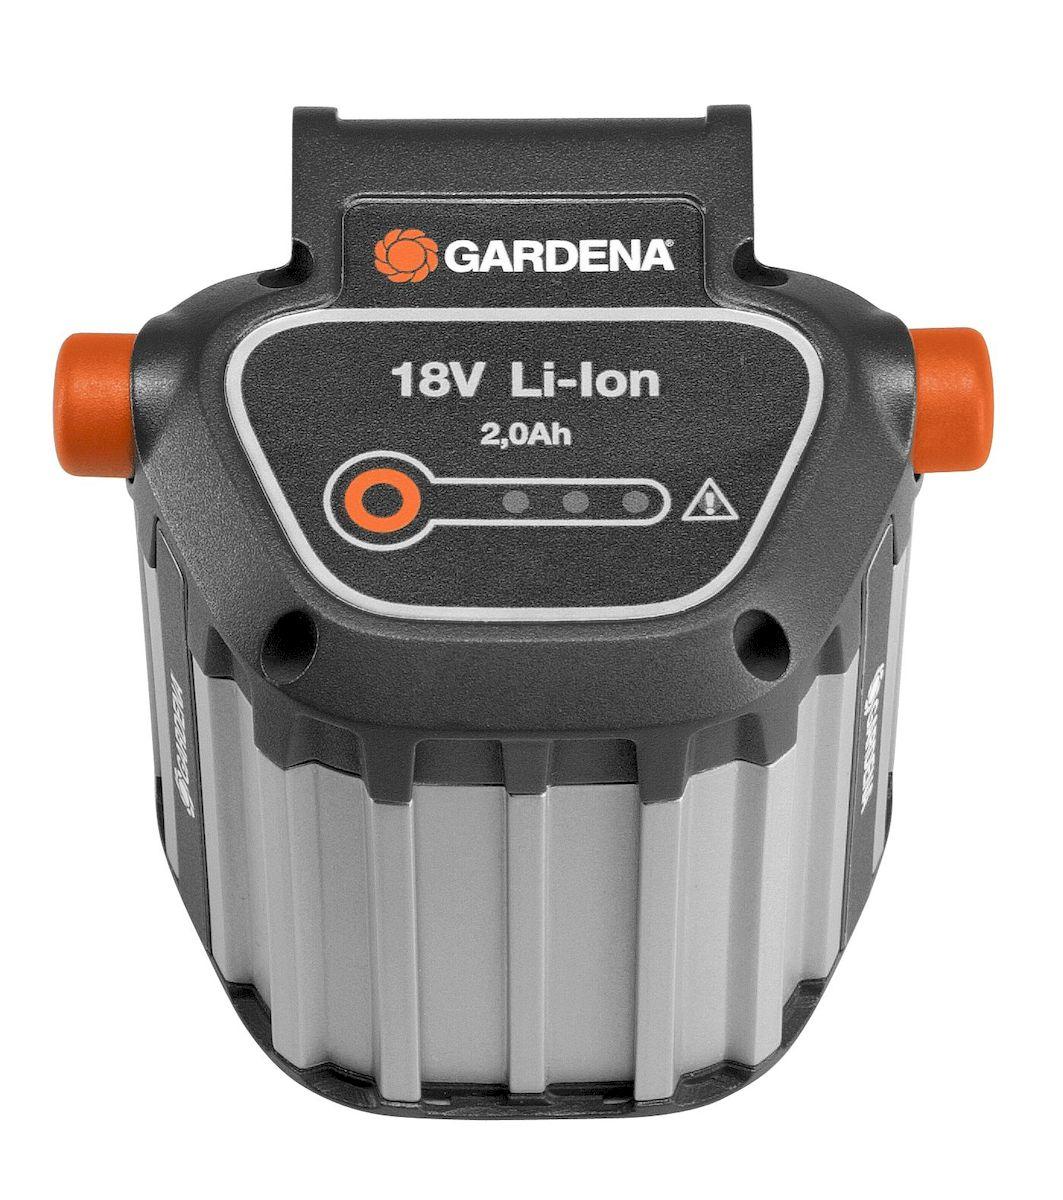 Дополнительный аккумулятор Gardena, для турботриммера EasyCut, BLi1809840-20.000.00Сменный литиево-ионный аккумулятор Gardena - надежный и производительный источник энергии для турботриммера Gardena EasyCut и другой беспроводной продукции Gardena (8881, 8877, 8866, 9335, 9823, 9825). Благодаря высокой емкости 18 В / 2.0 А.ч достигается чрезвычайно долгое функционирование на одном заряде нового литиево-ионного аккумулятора. Аккумулятор чрезвычайно прост в эксплуатации. Подзарядка может осуществляться в любое время: эффект памяти отсутствует. Благодаря светодиодной индикации уровня заряда всегда виден текущий уровень оставшейся энергии аккумулятора.